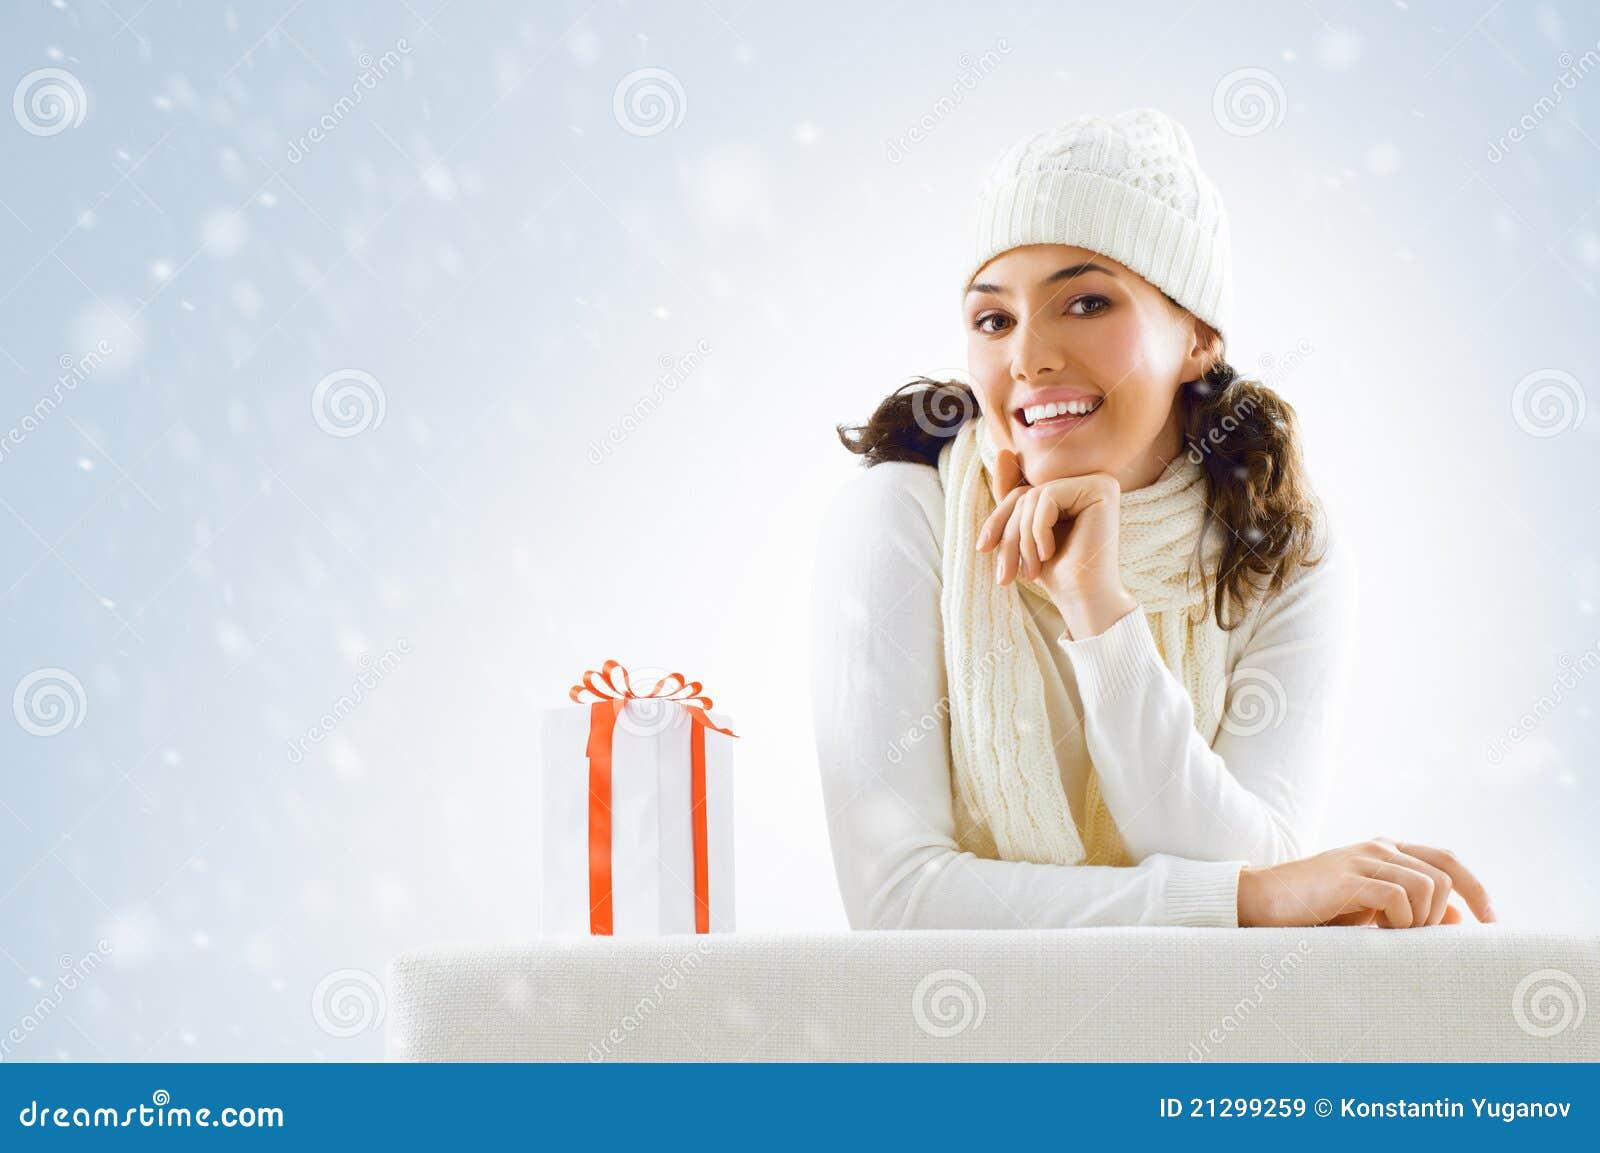 Weihnachtsgeschenke stockbild. Bild von schnee, geschenk - 21299259